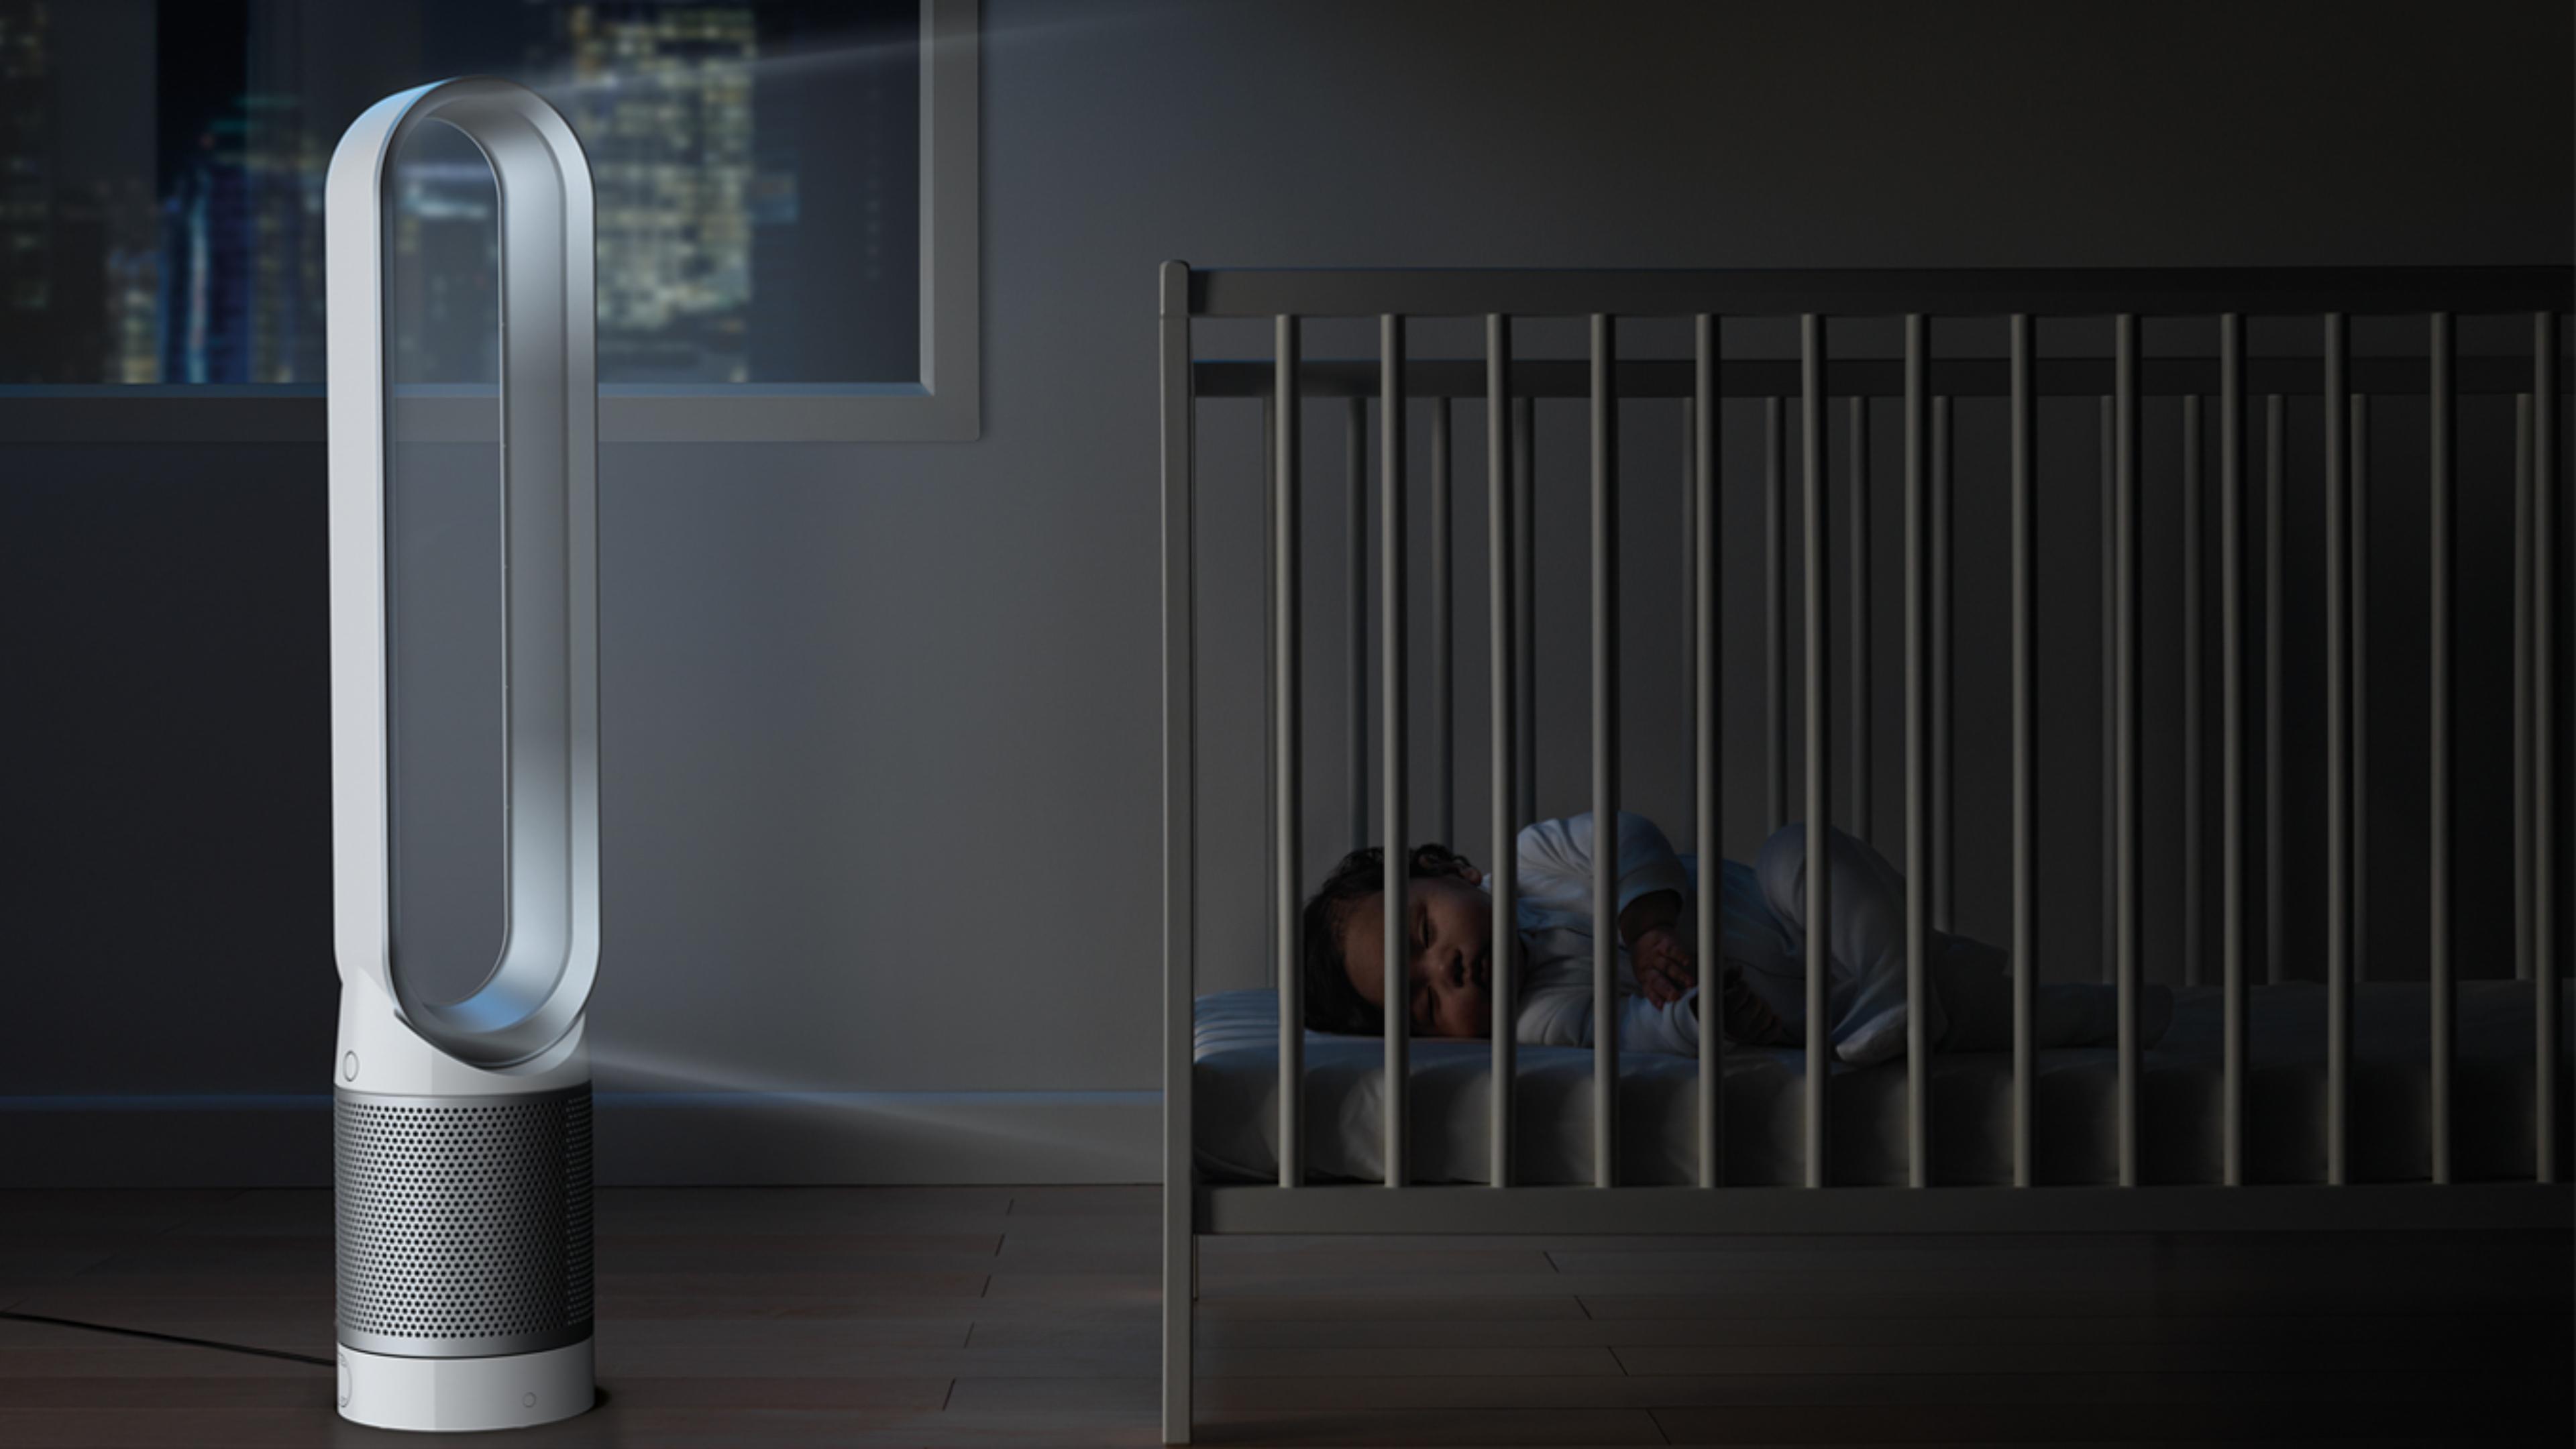 المروحة المُنقية للهواء Dyson Pure Cool™ في غرفة نوم بجوار طفل في فراشه